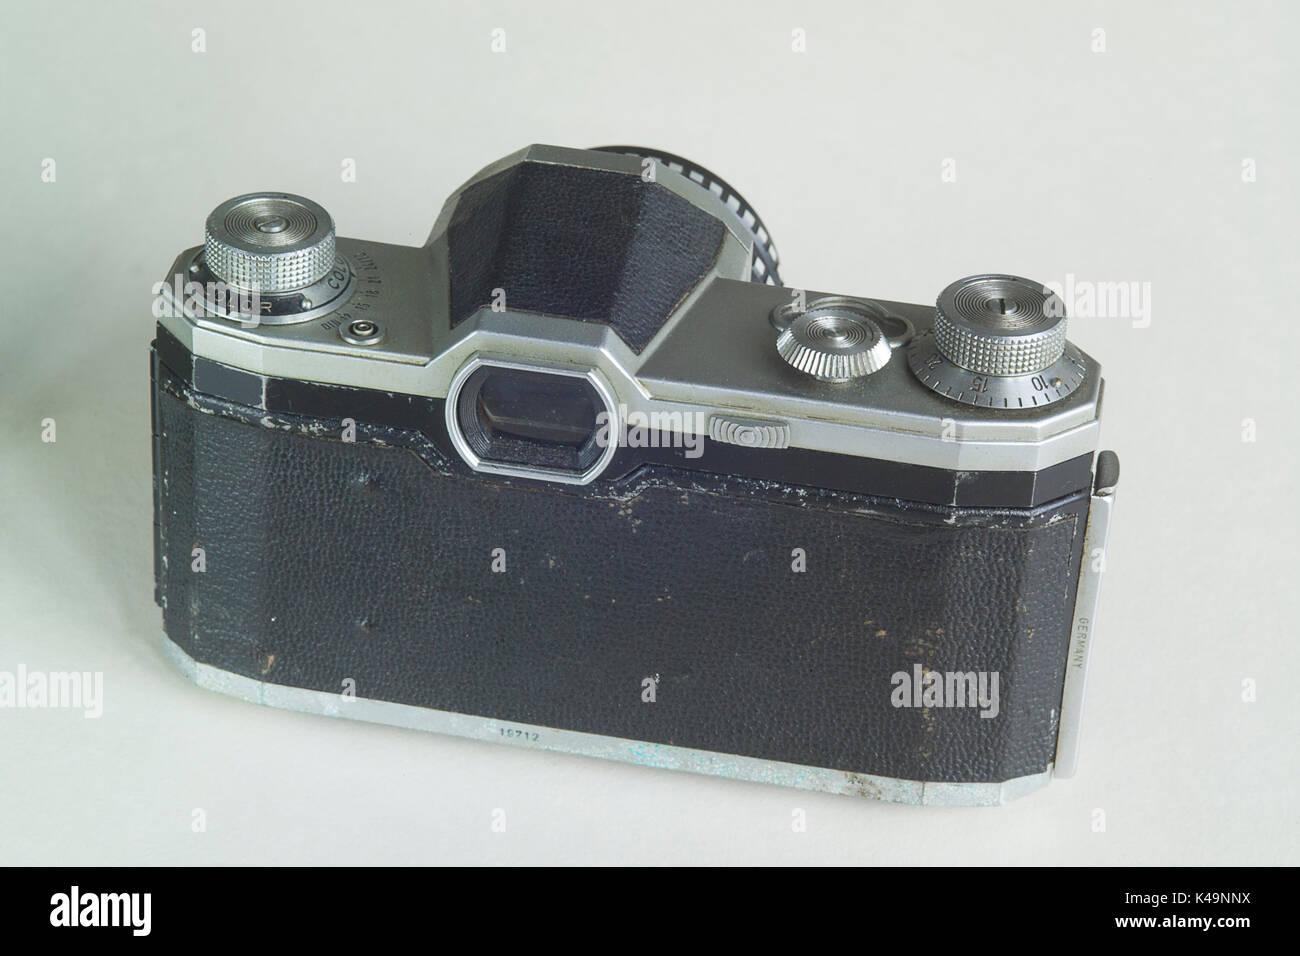 24x36 Stock Photos & 24x36 Stock Images - Alamy